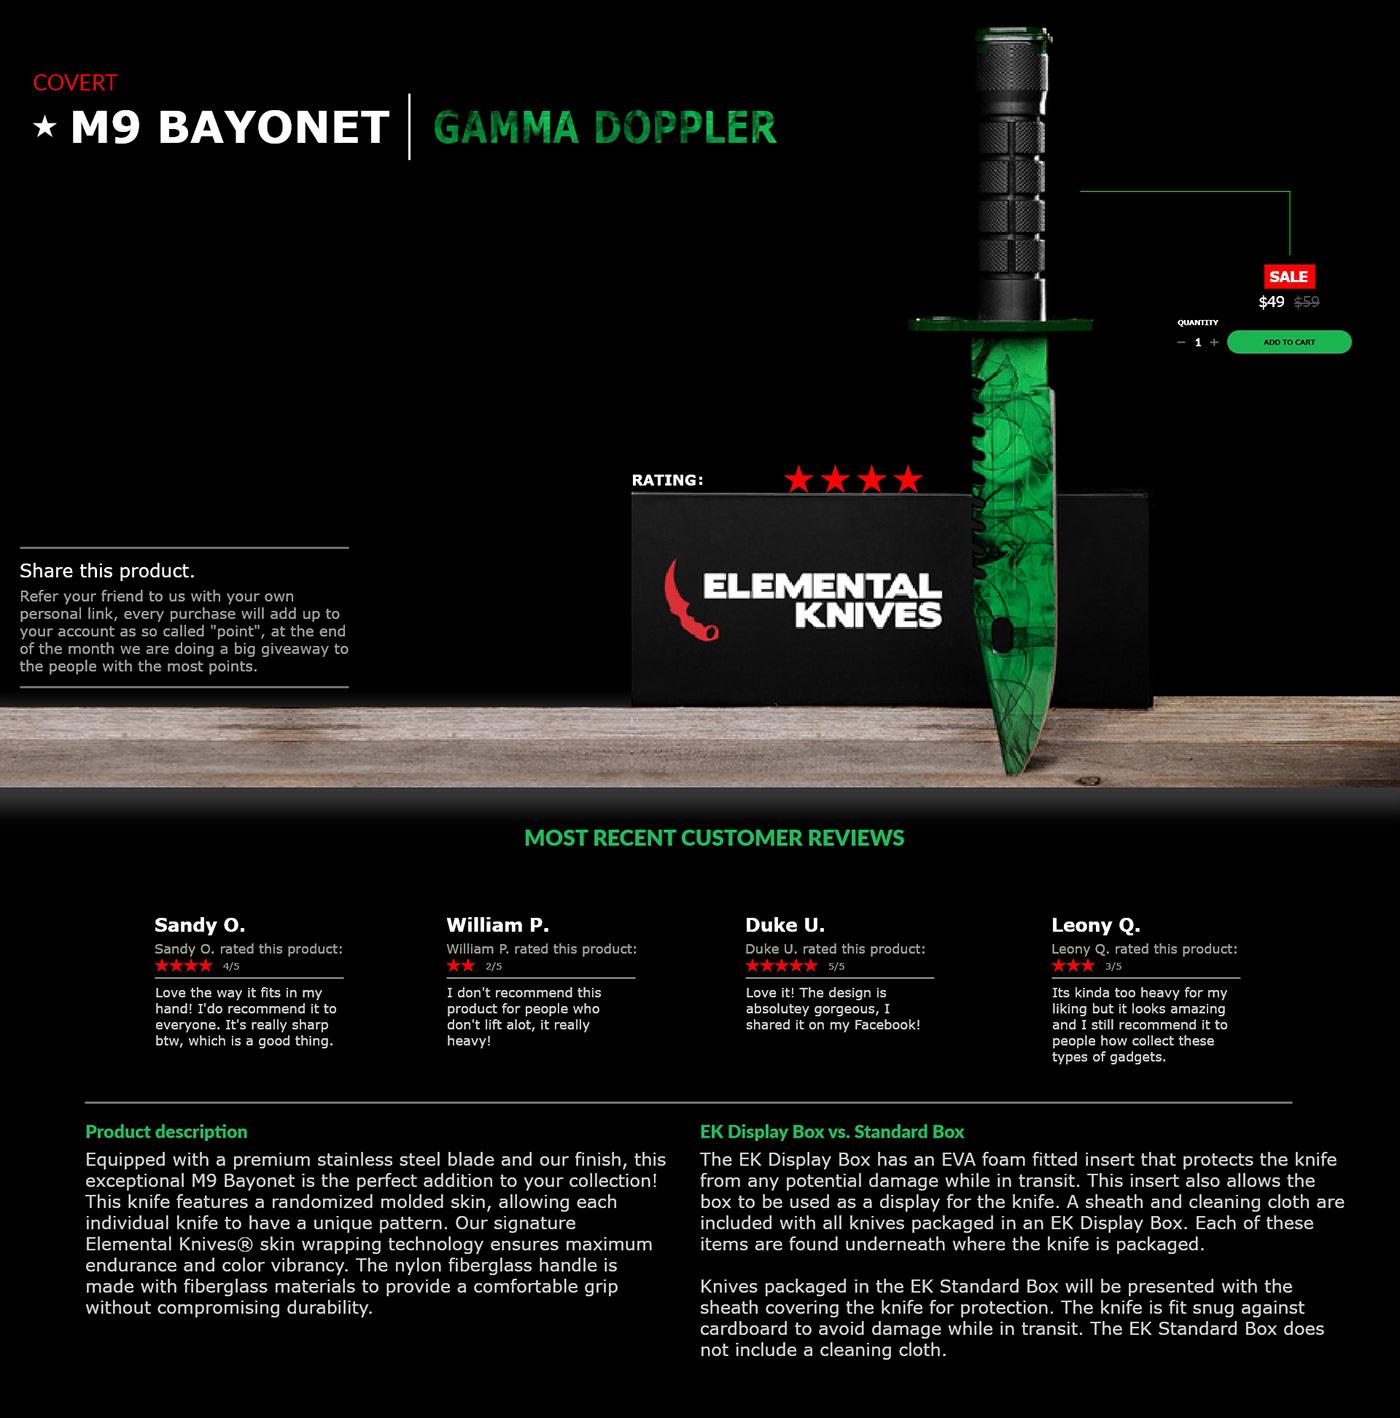 elemental knives re design on behance